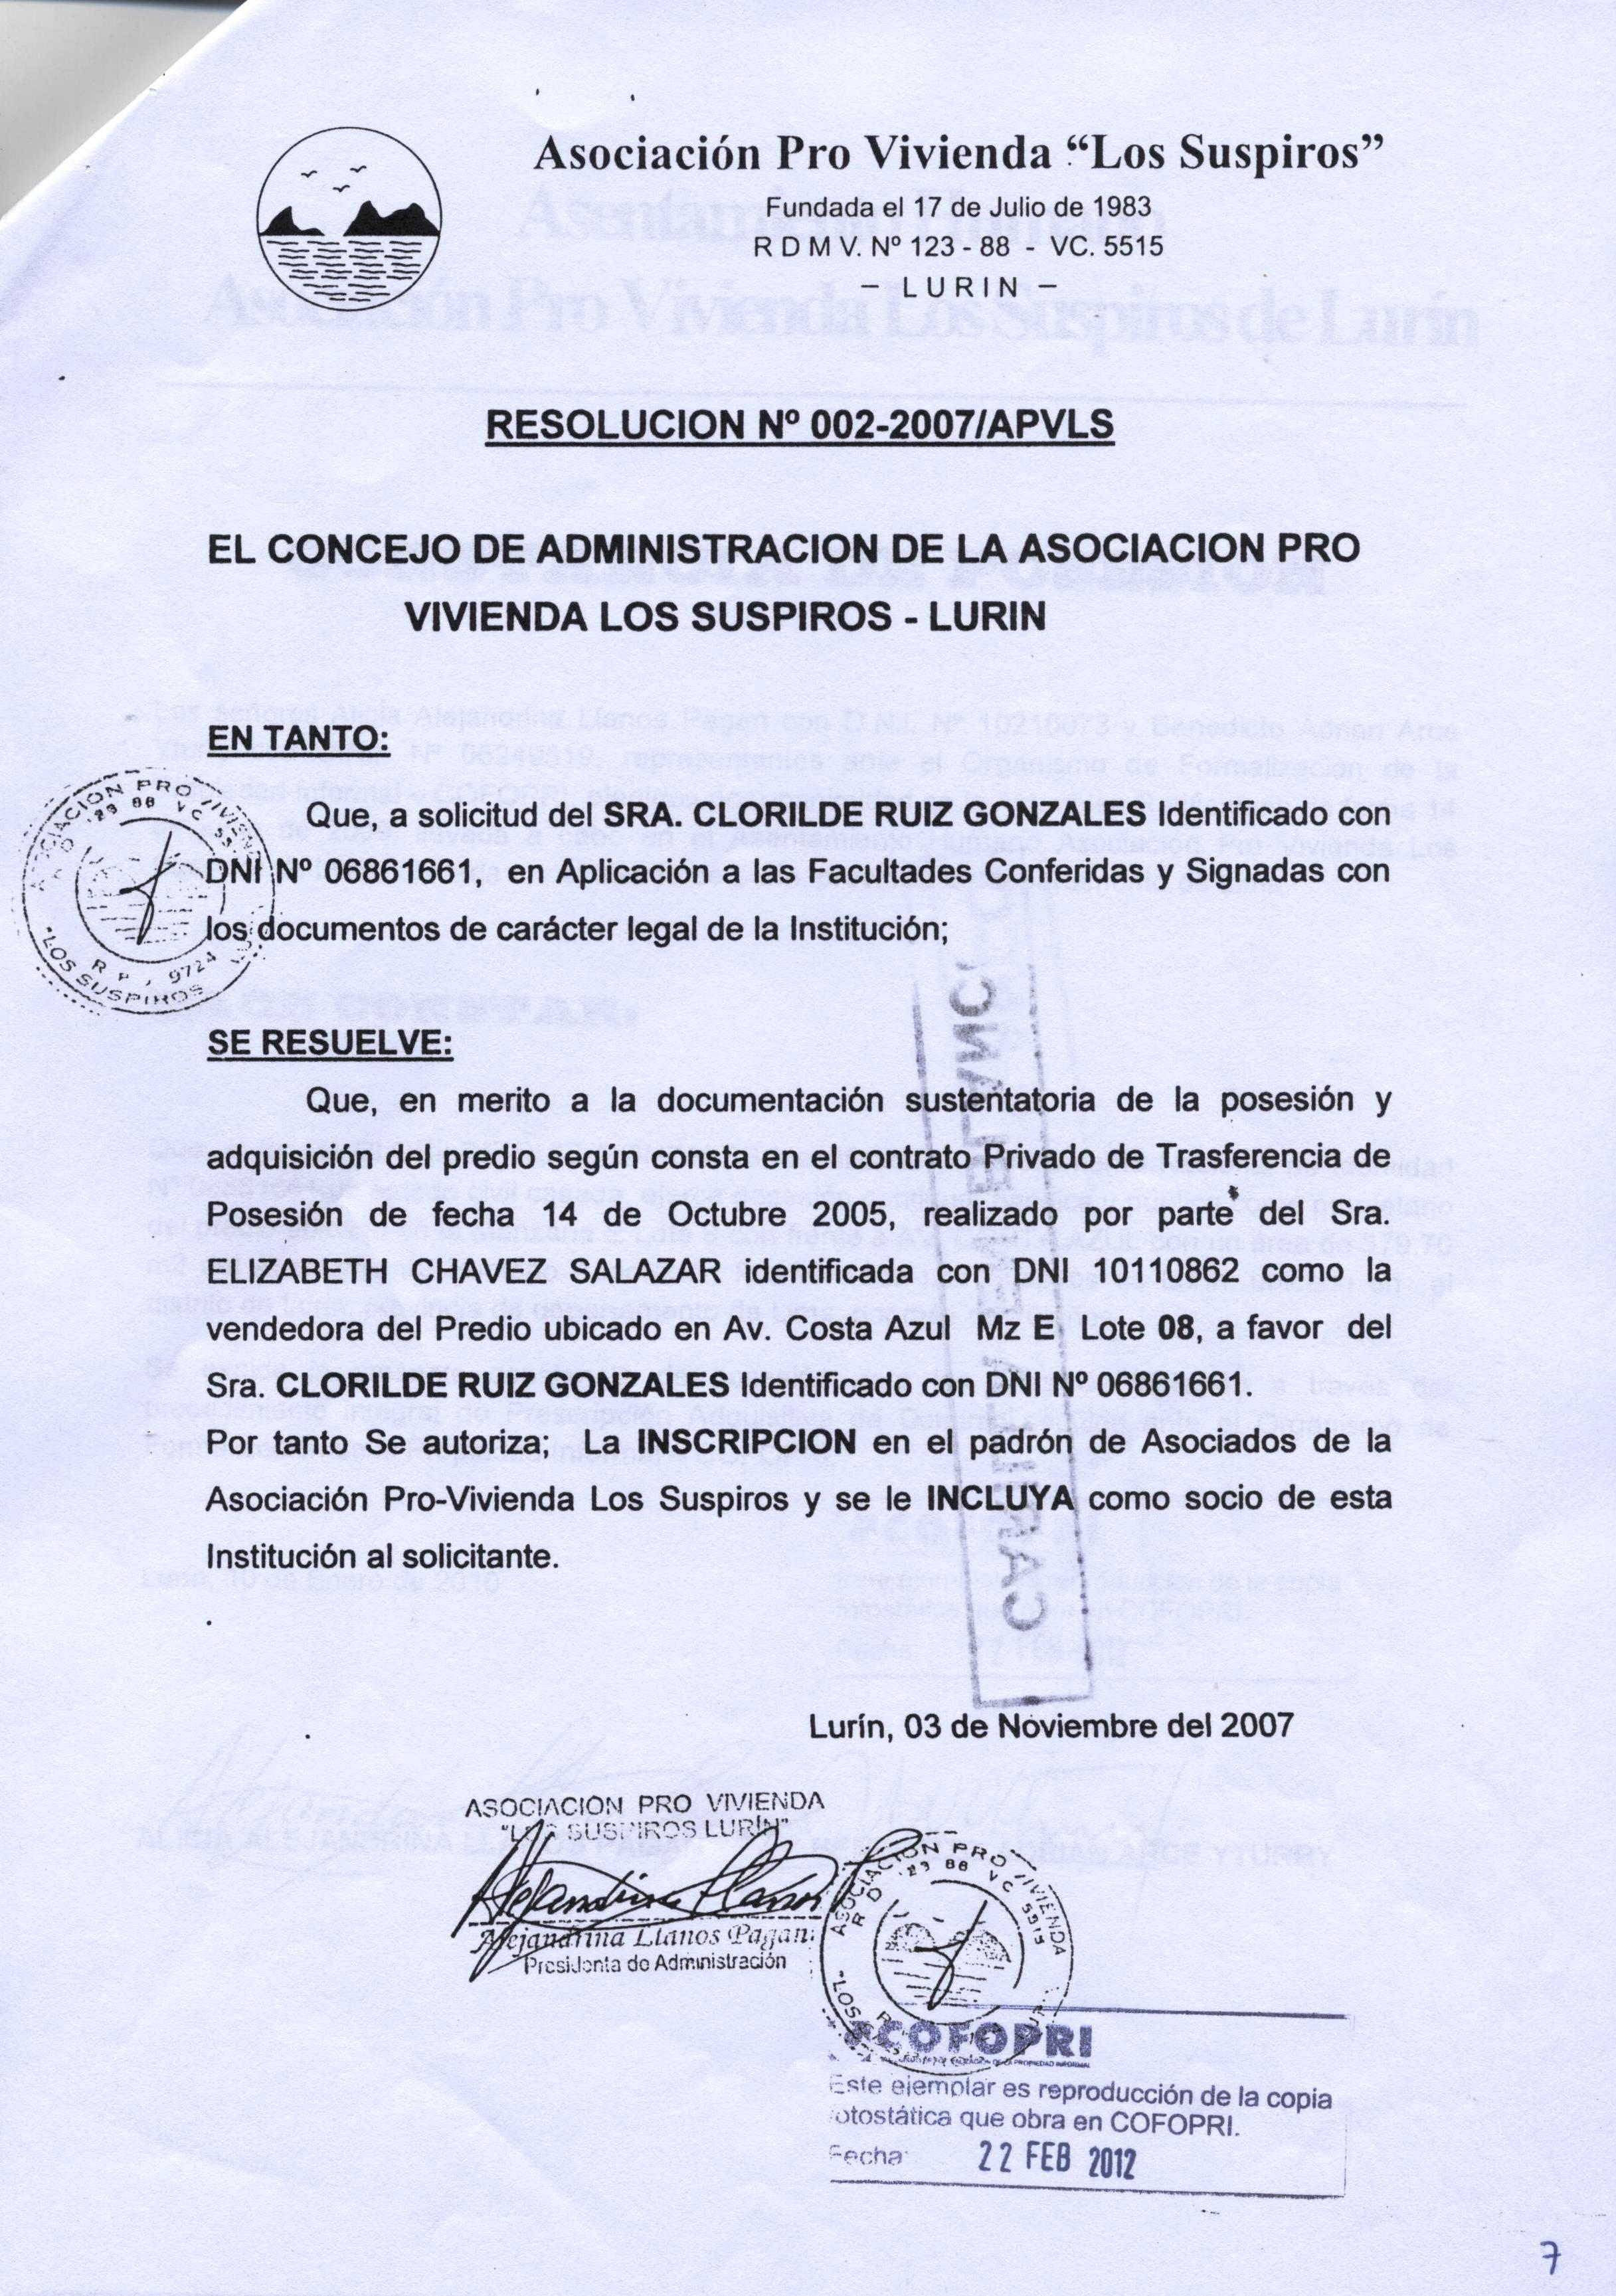 La conexión Cofopri 4, por Herbert Mujica Rojas